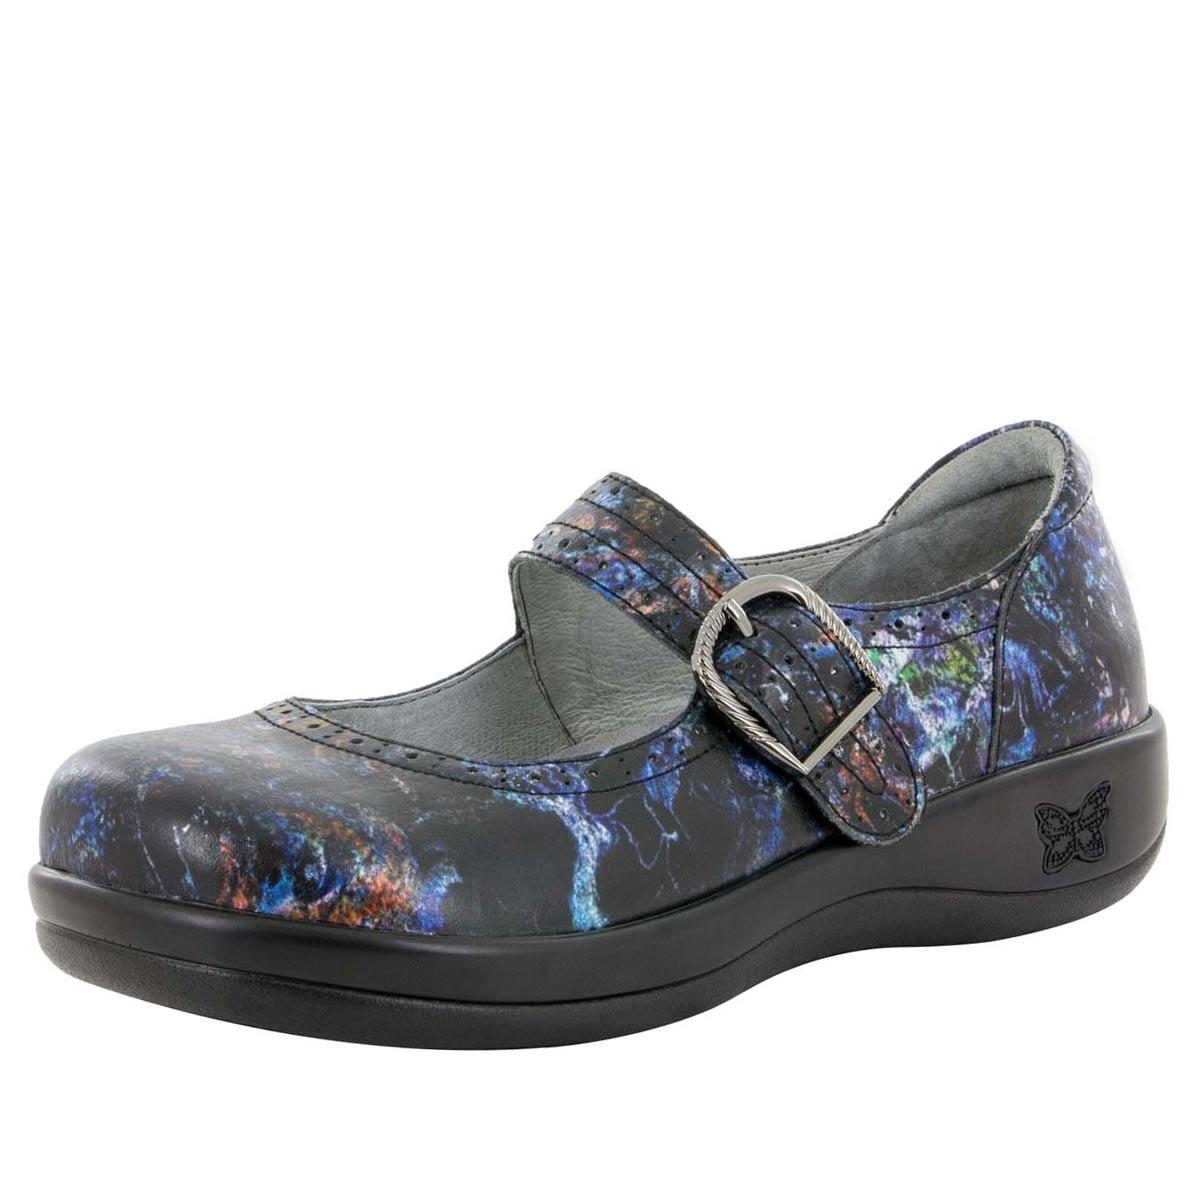 Clothing, Shoes & Accessories Women's Alegria Comfort Clogs Kourtney Vortex KOU-148 Women's Shoes